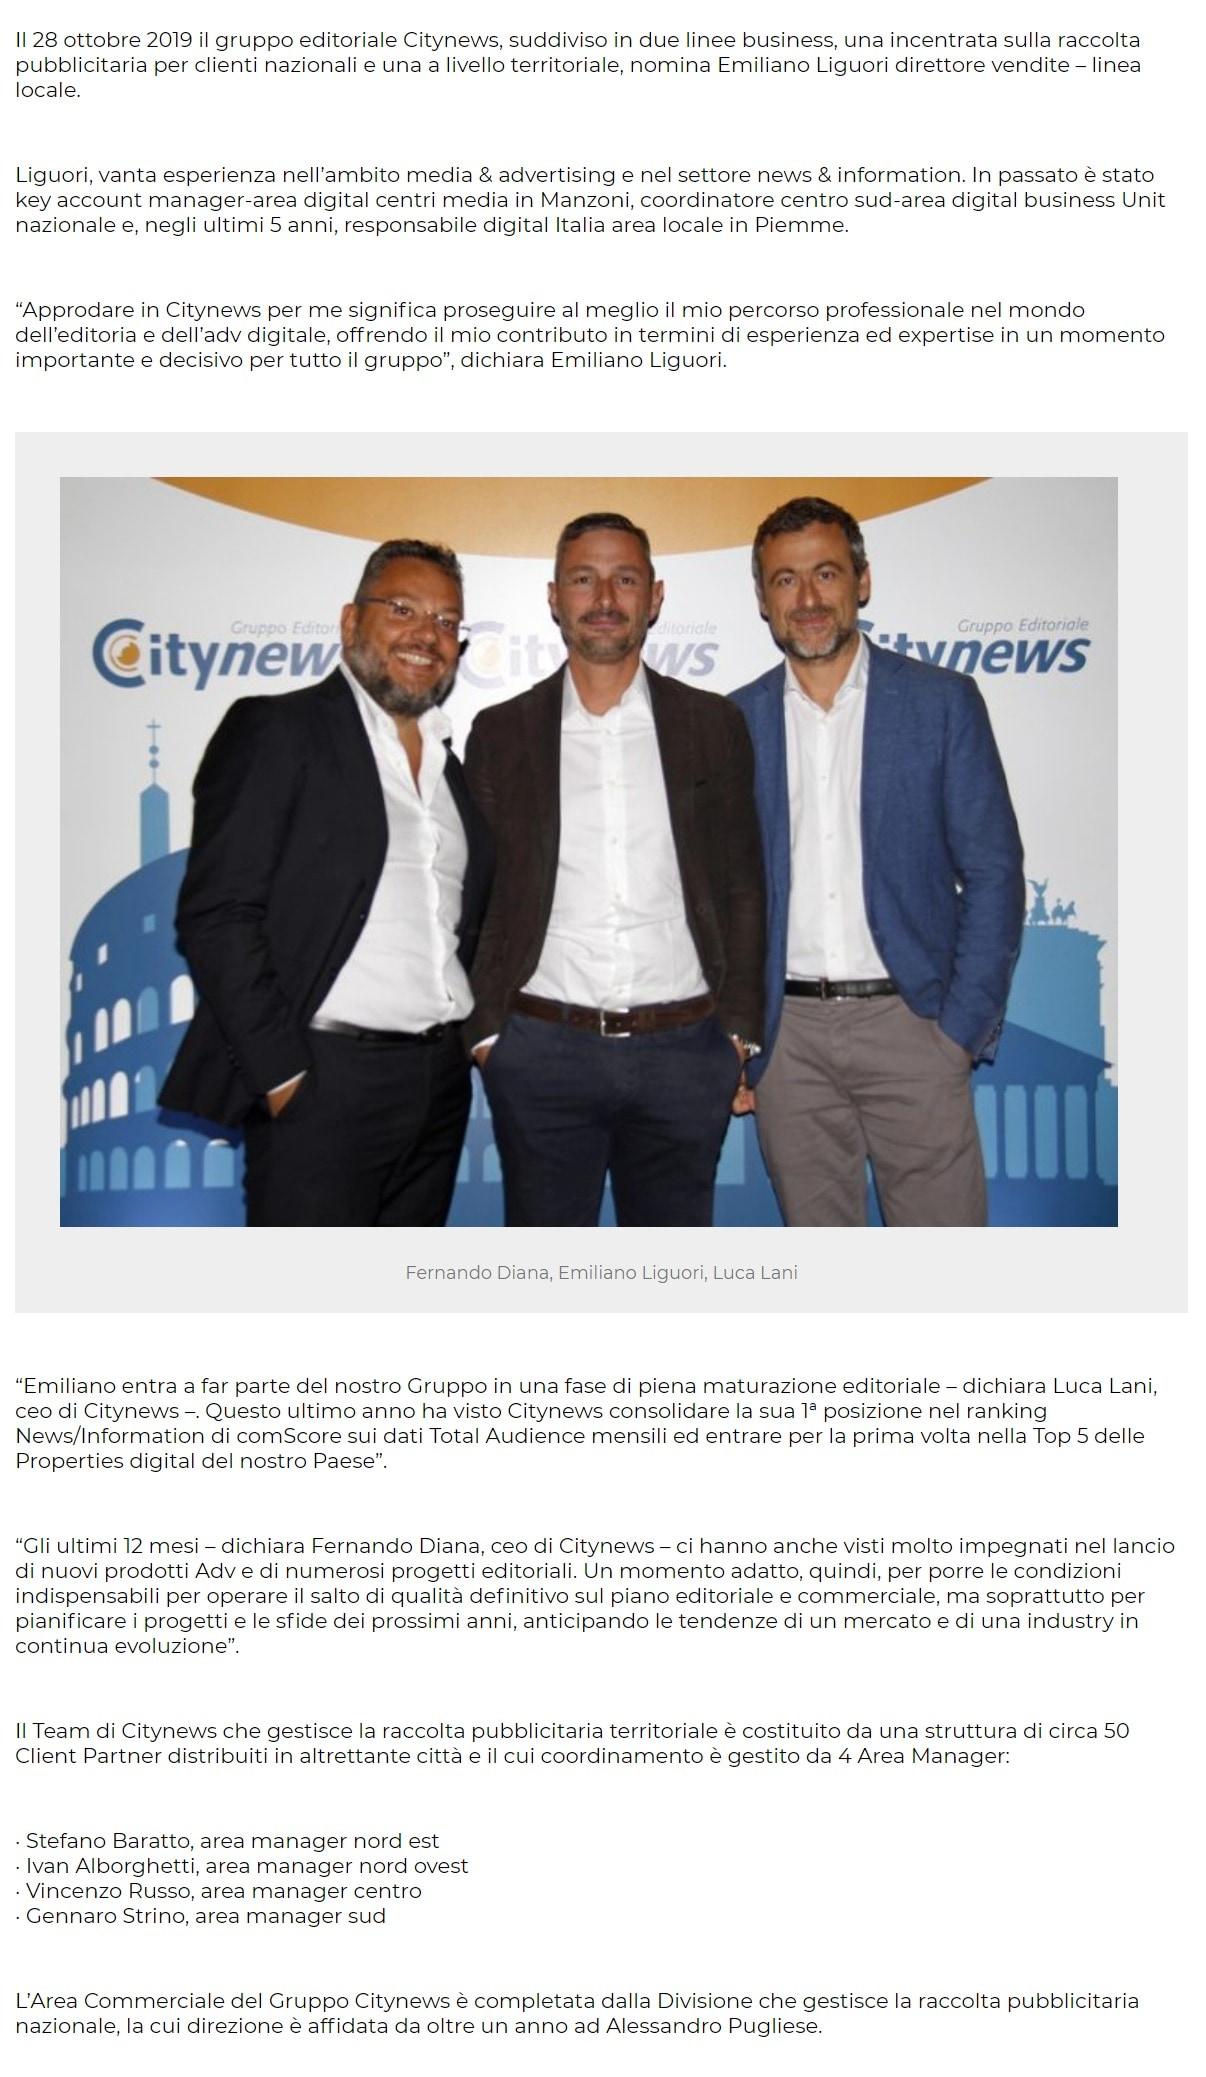 Emiliano Liguori, direttore vendite – linea locale di Citynews - PrimaOnline, 29 ottobre 2019-2